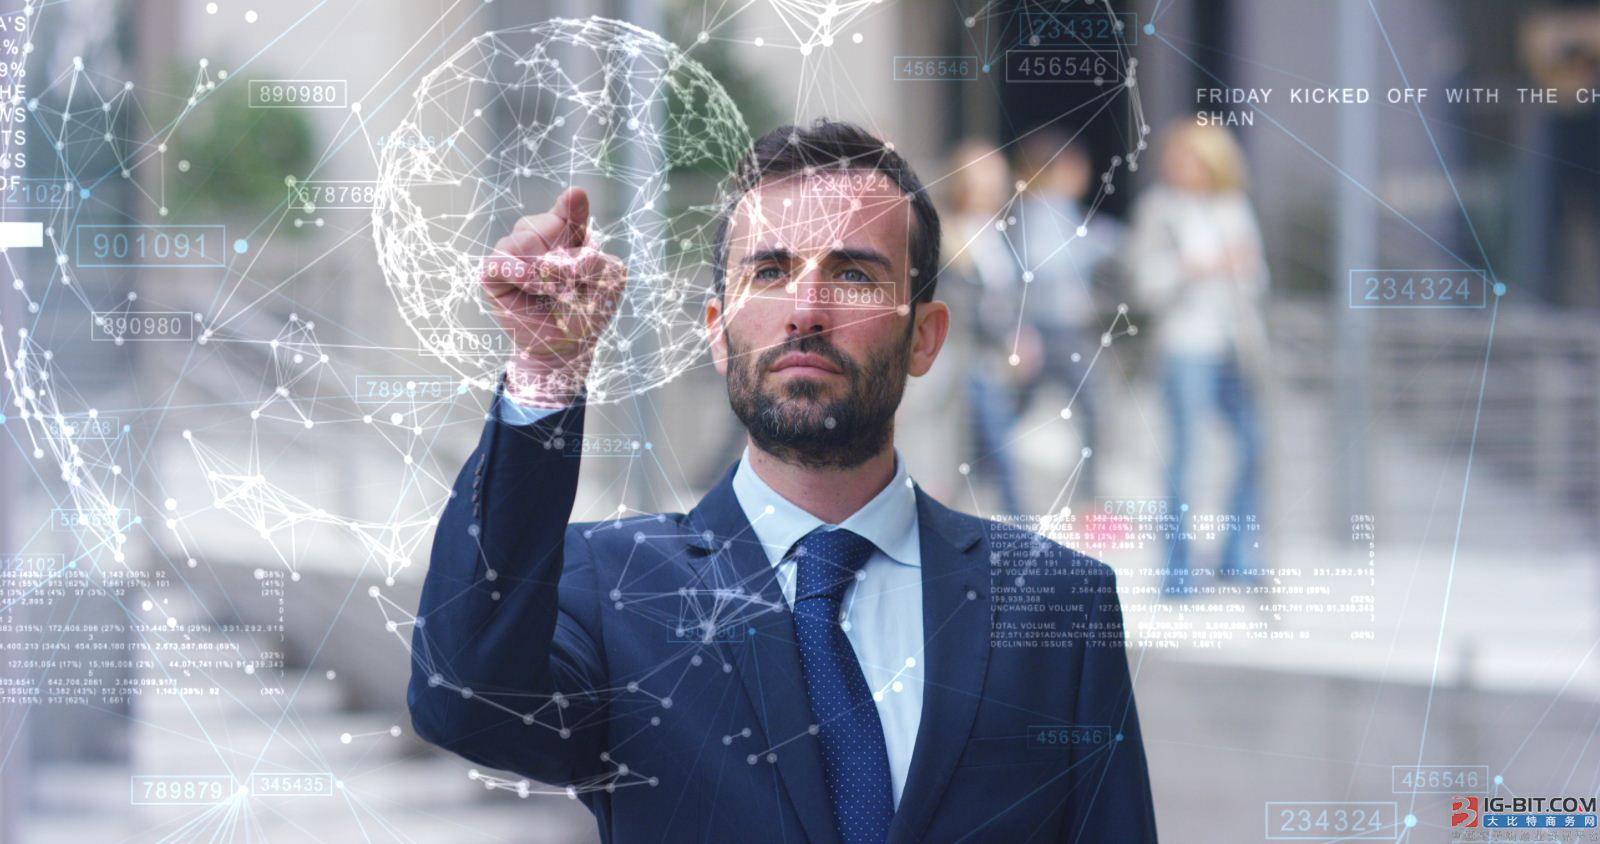 数据中心、云计算、大数据三者之间有什么不同与联系